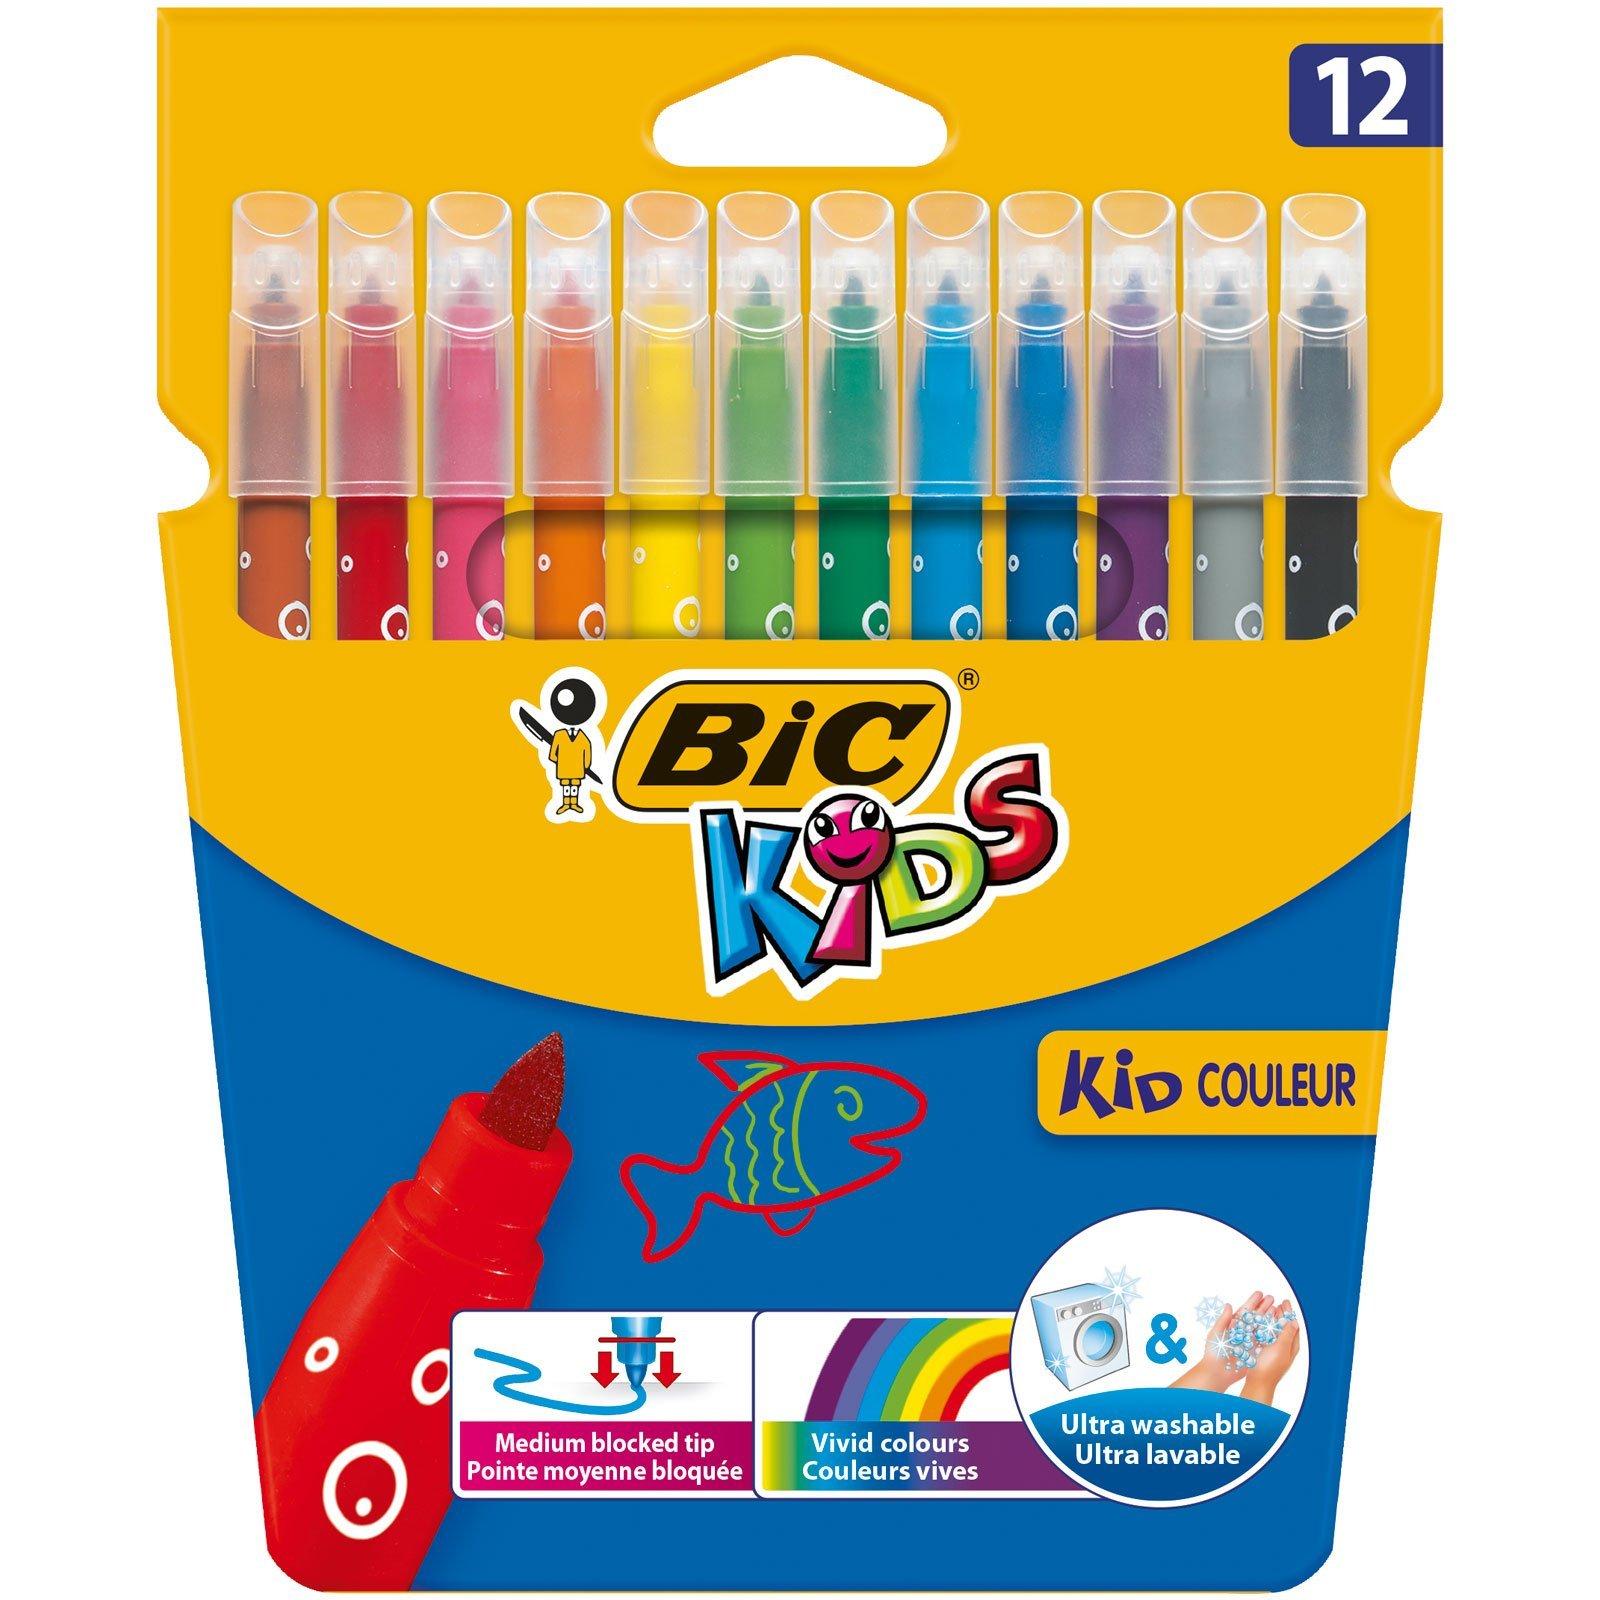 BIC Kids Kid Couleur rotuladores punta media - colores Surtidos, Blíster de 12 unidades: Amazon.es: Oficina y papelería